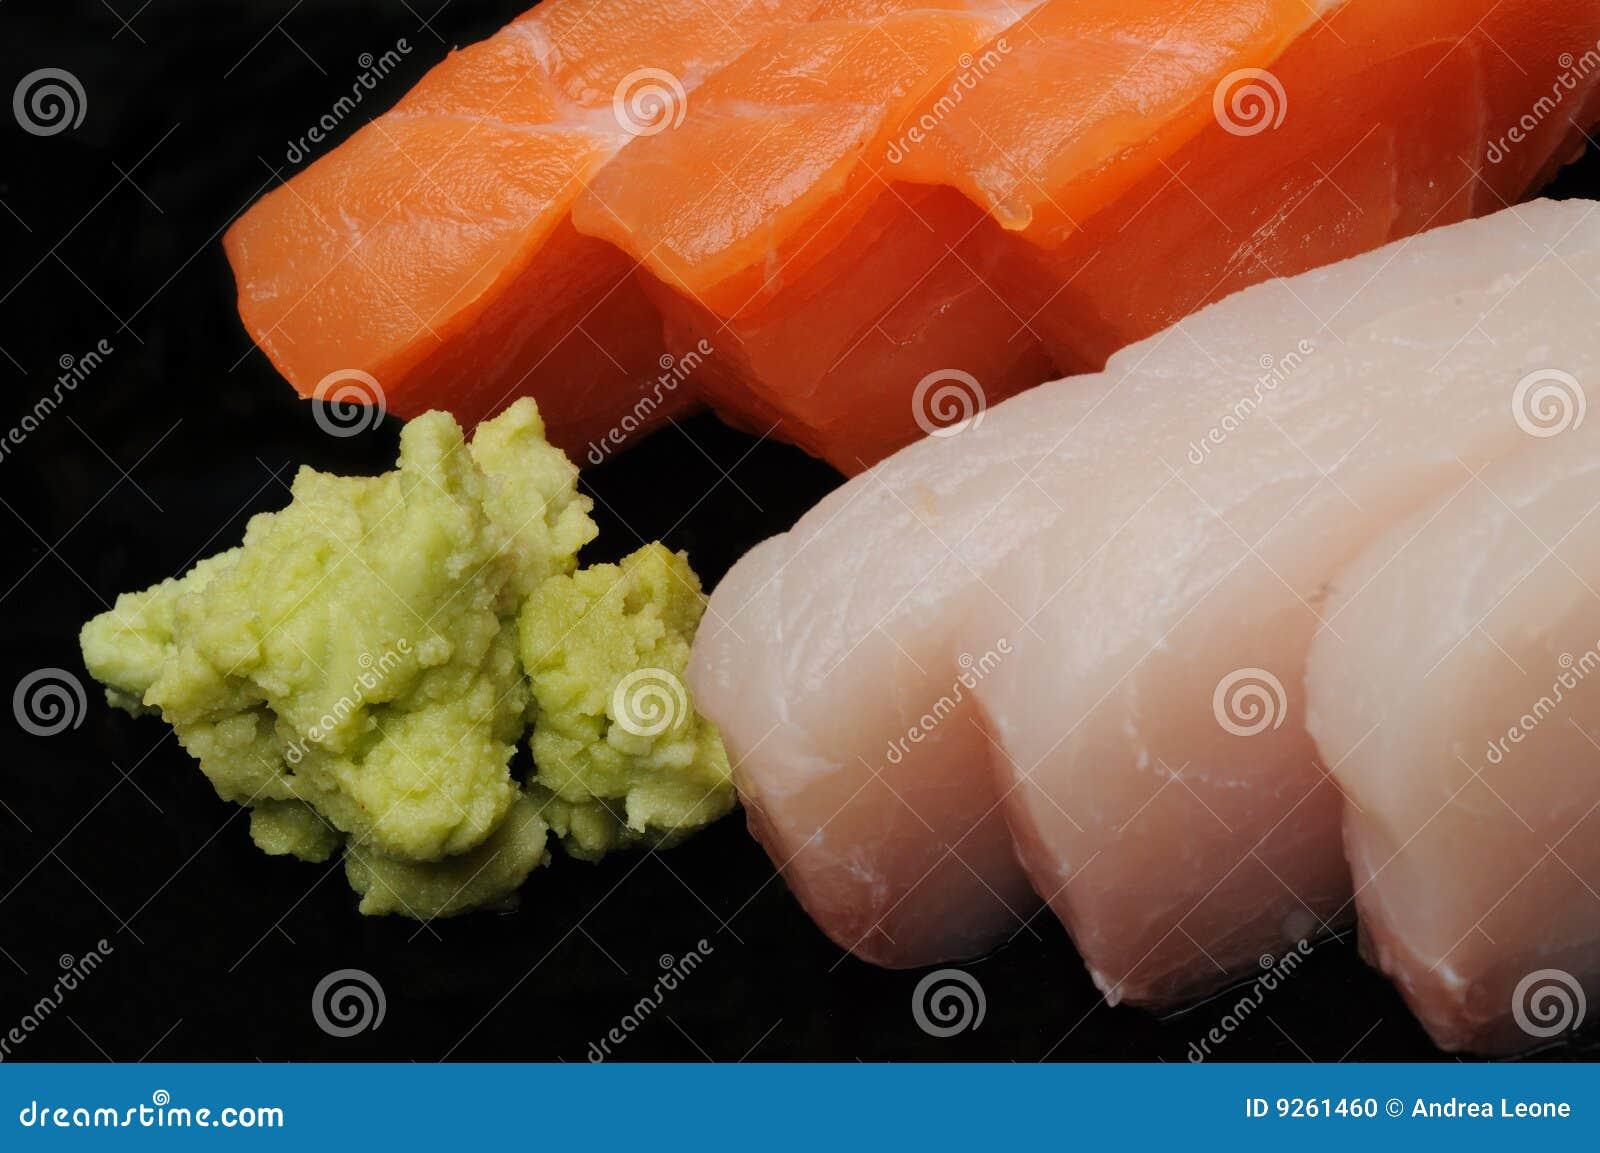 Sashimi wasabi